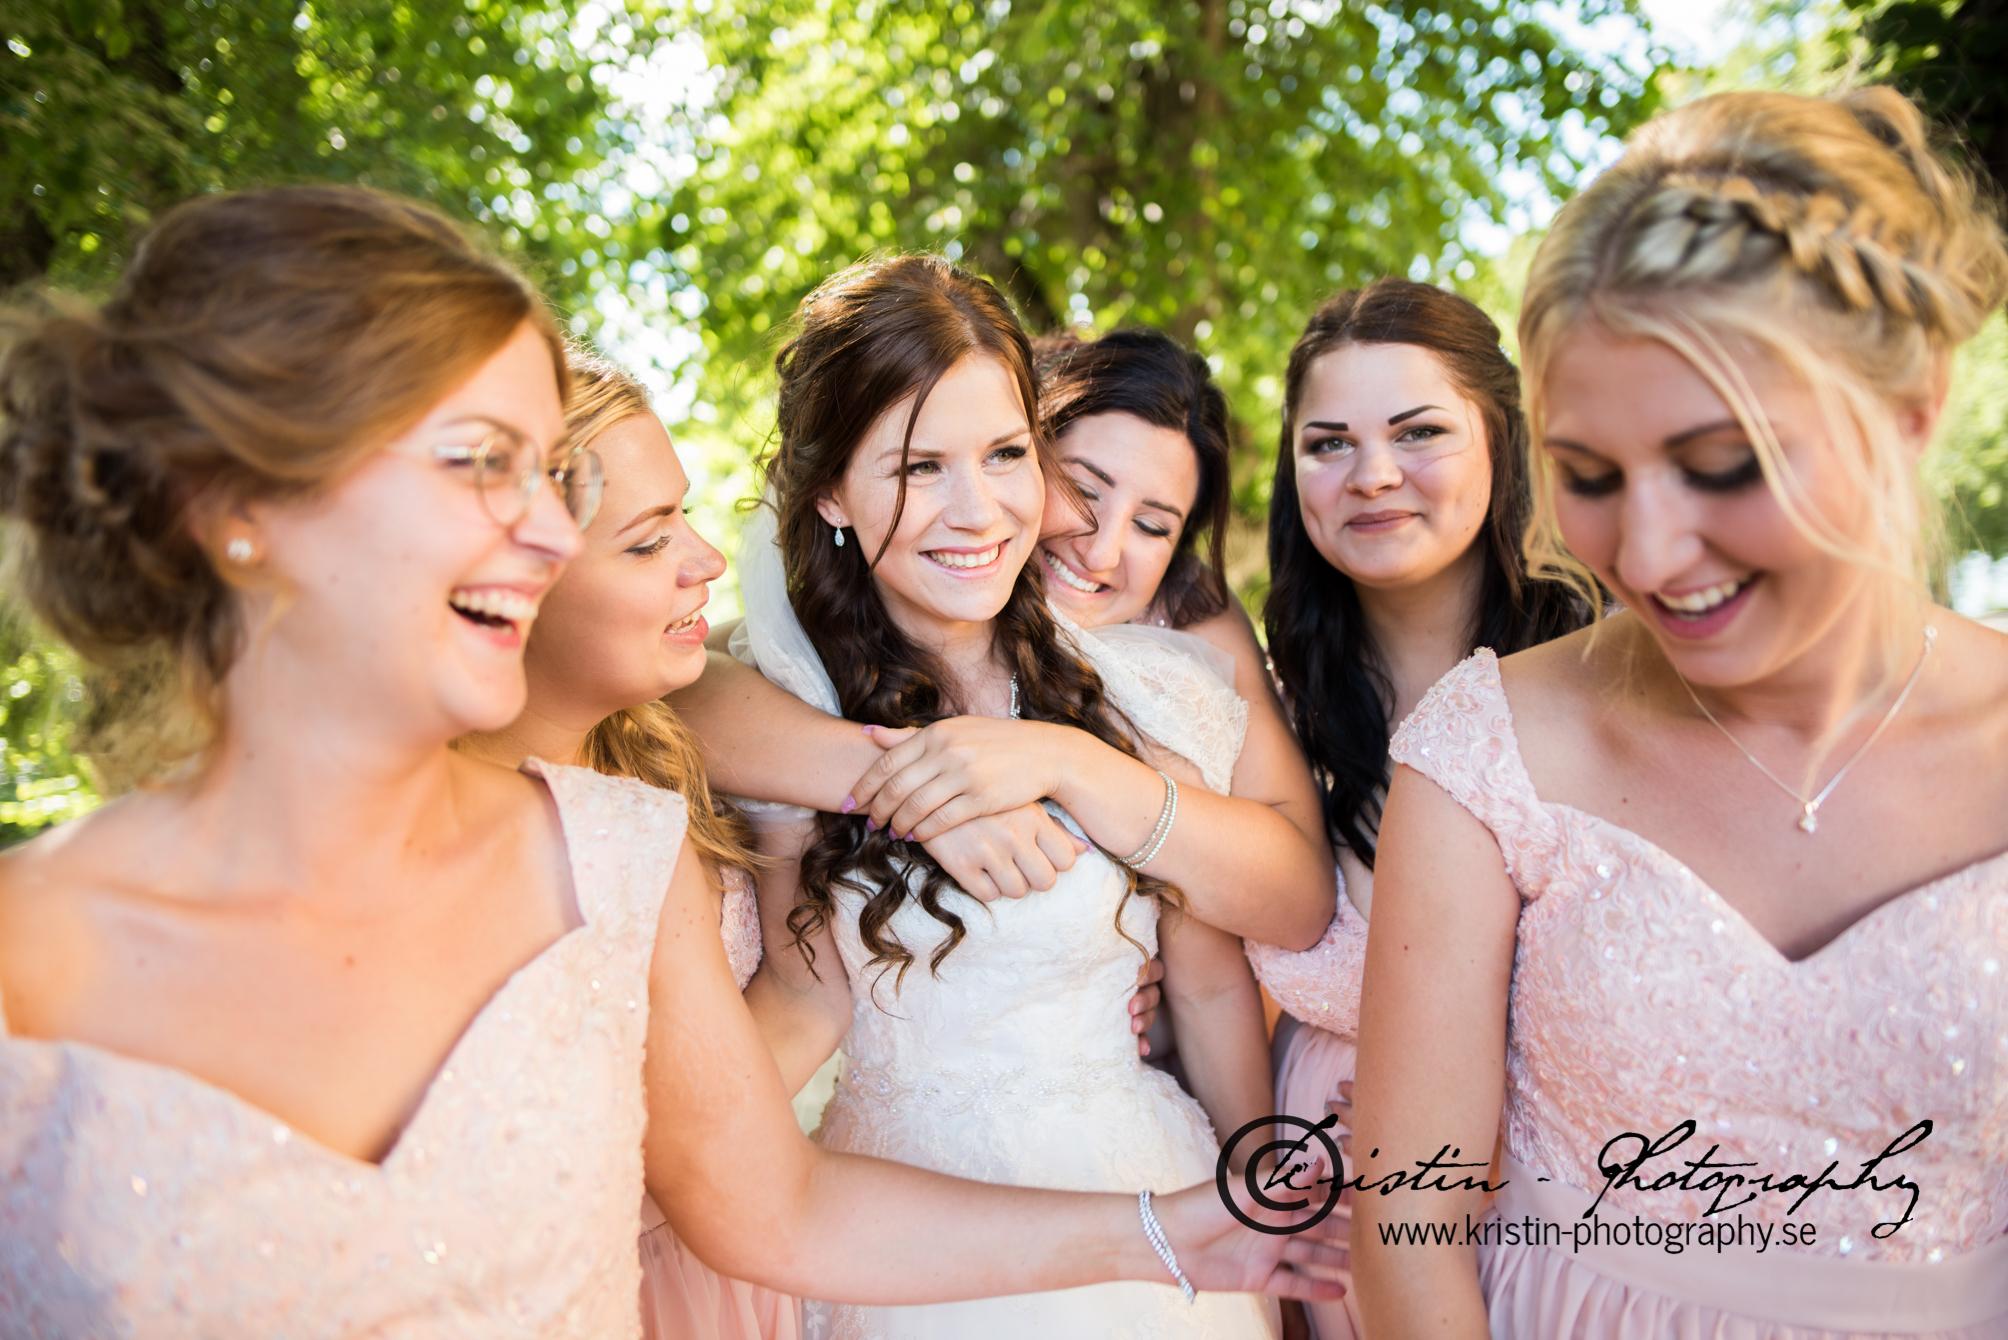 Bröllopsfotograf i Eskilstuna, Kristin - Photography, weddingphotographer -272.jpg